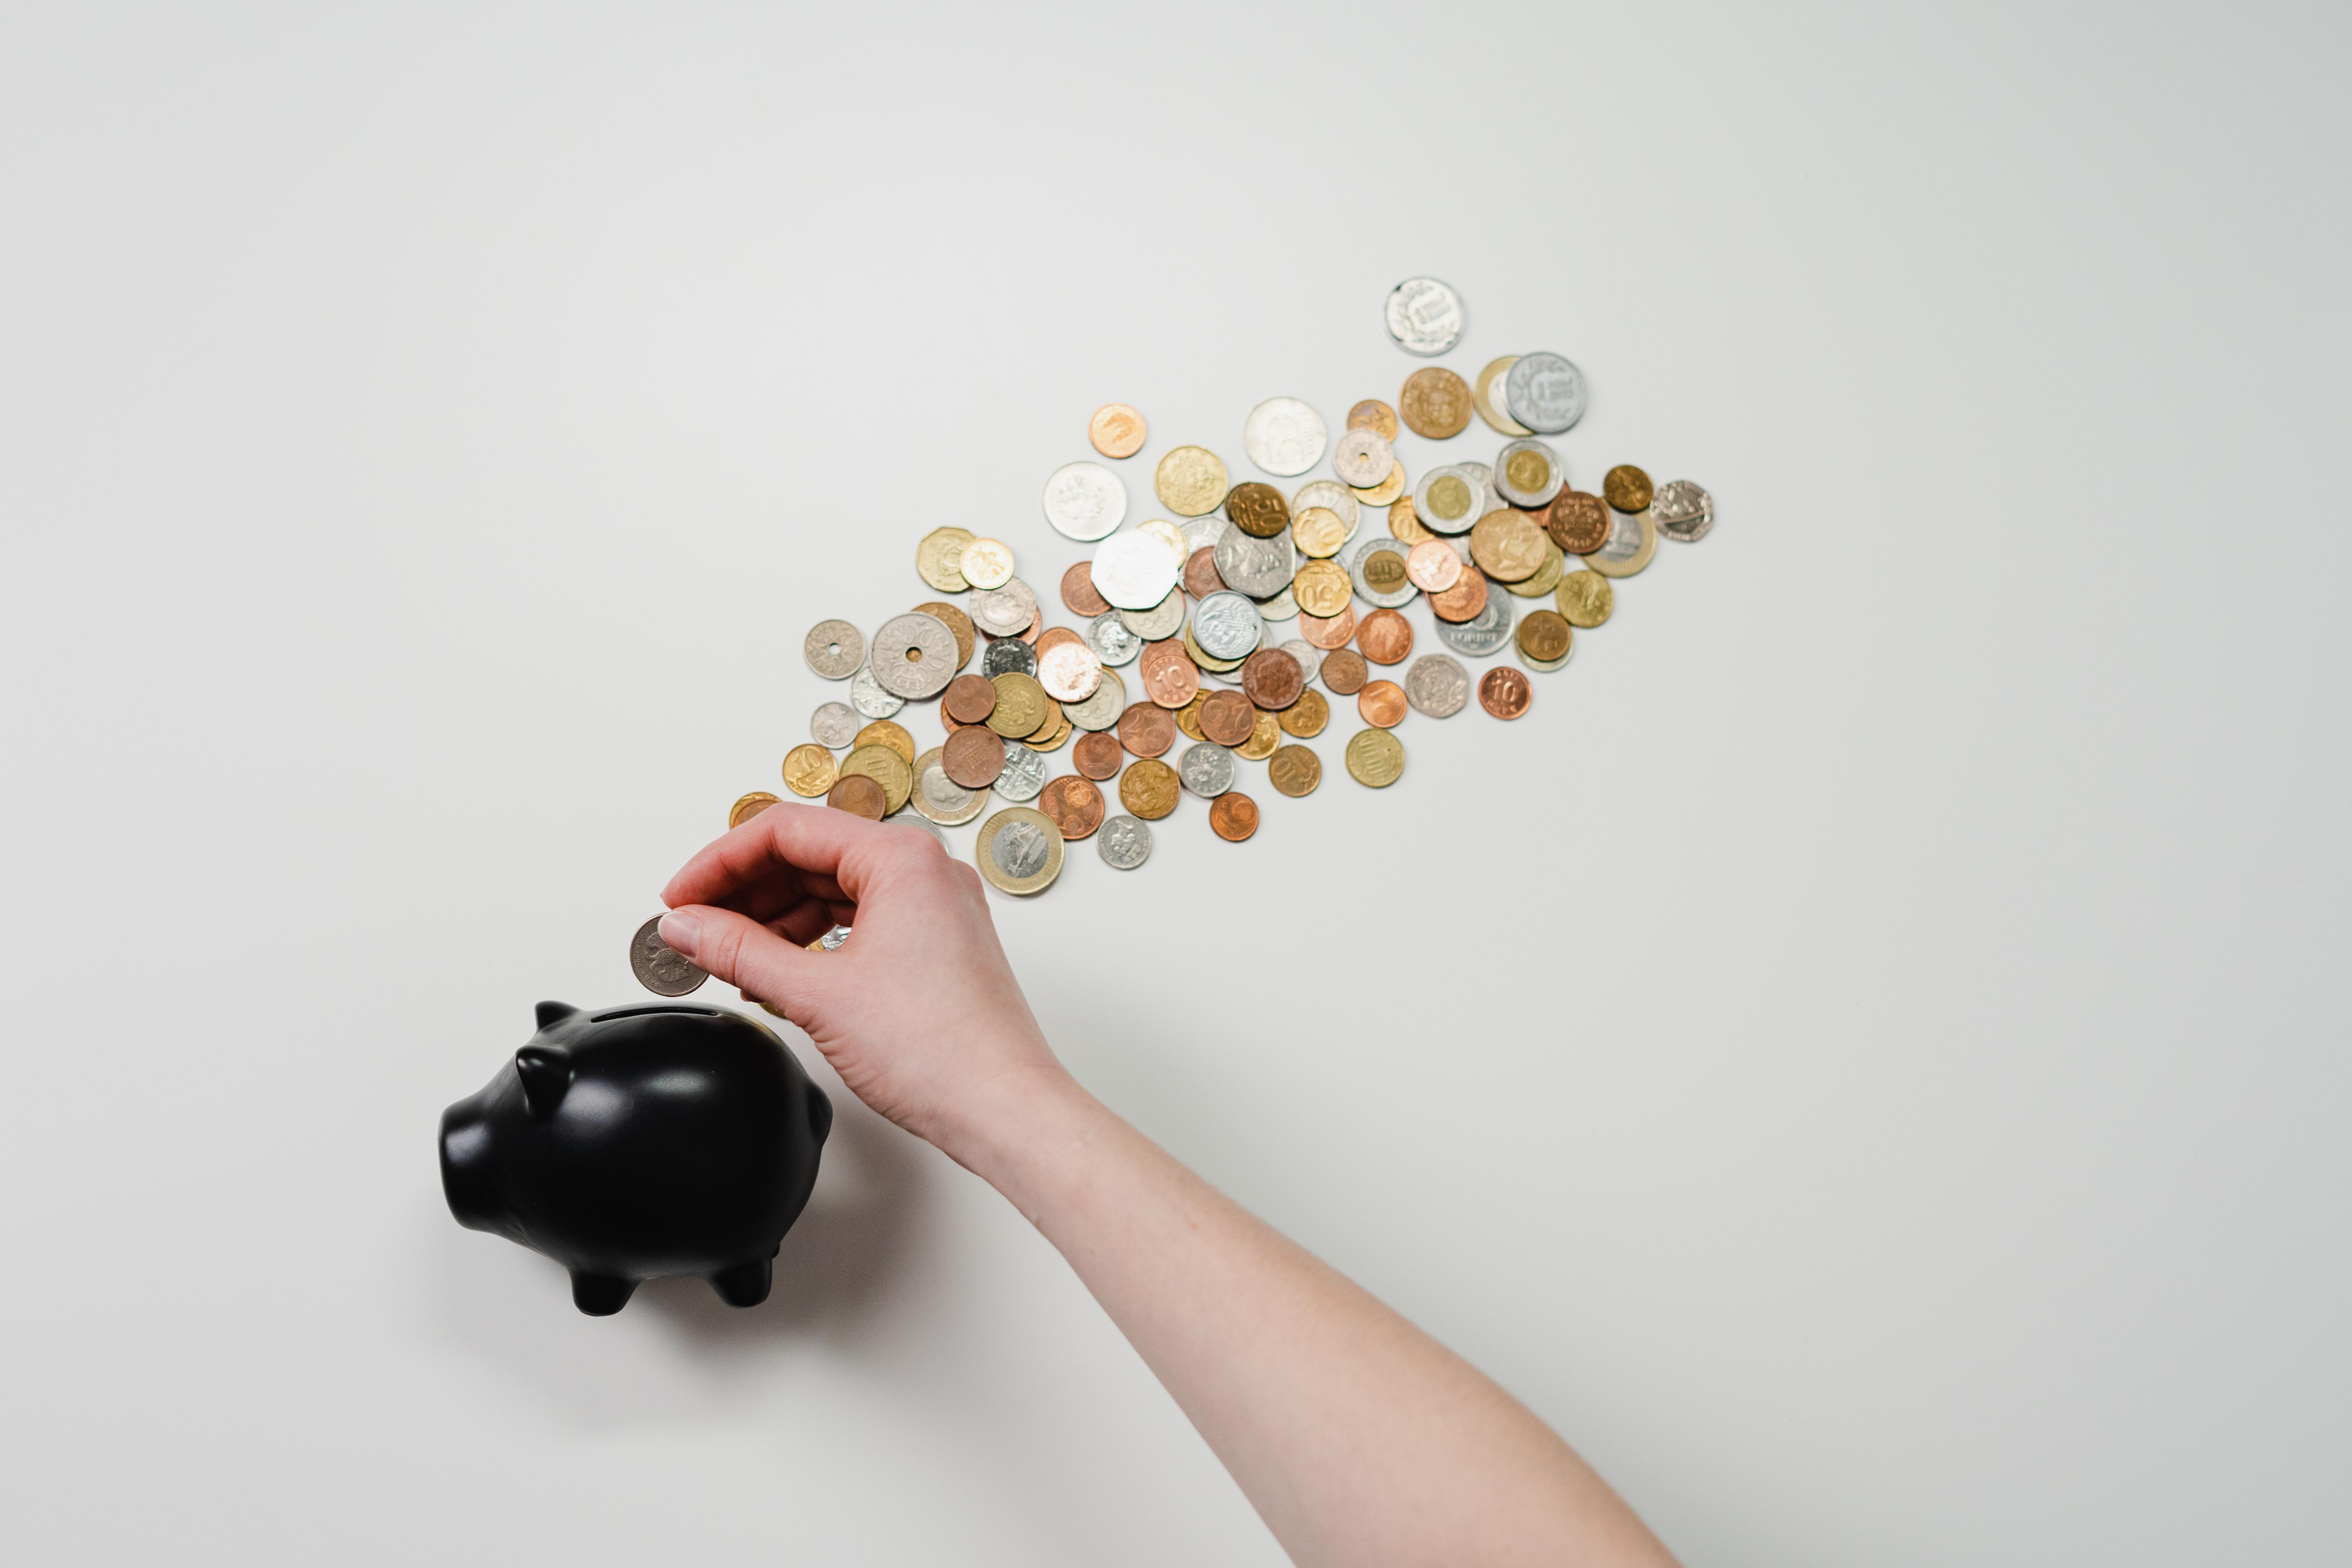 เลือกหุ้นไม่มี Fund Flowร